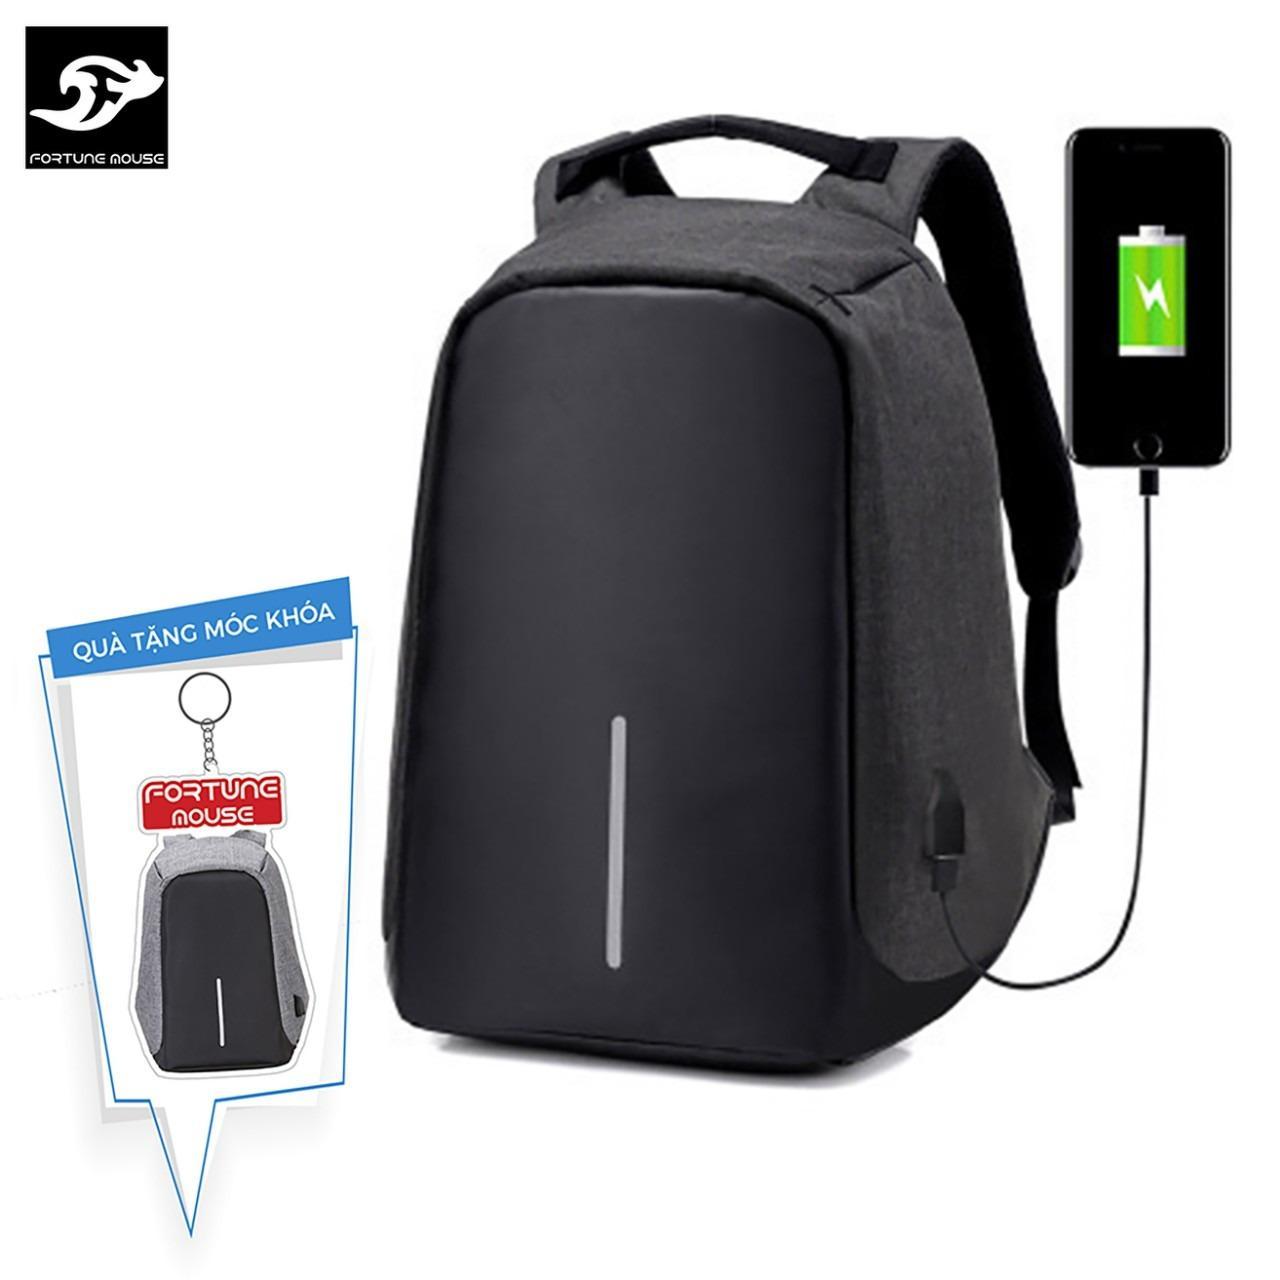 So Sánh Giá Balo chống trộm, chống nước Có Cổng Sạc USB vừa laptop 16inch LOẠI DÀY 1120 ( màu đen) + Tặng 1 móc khoá hình balo